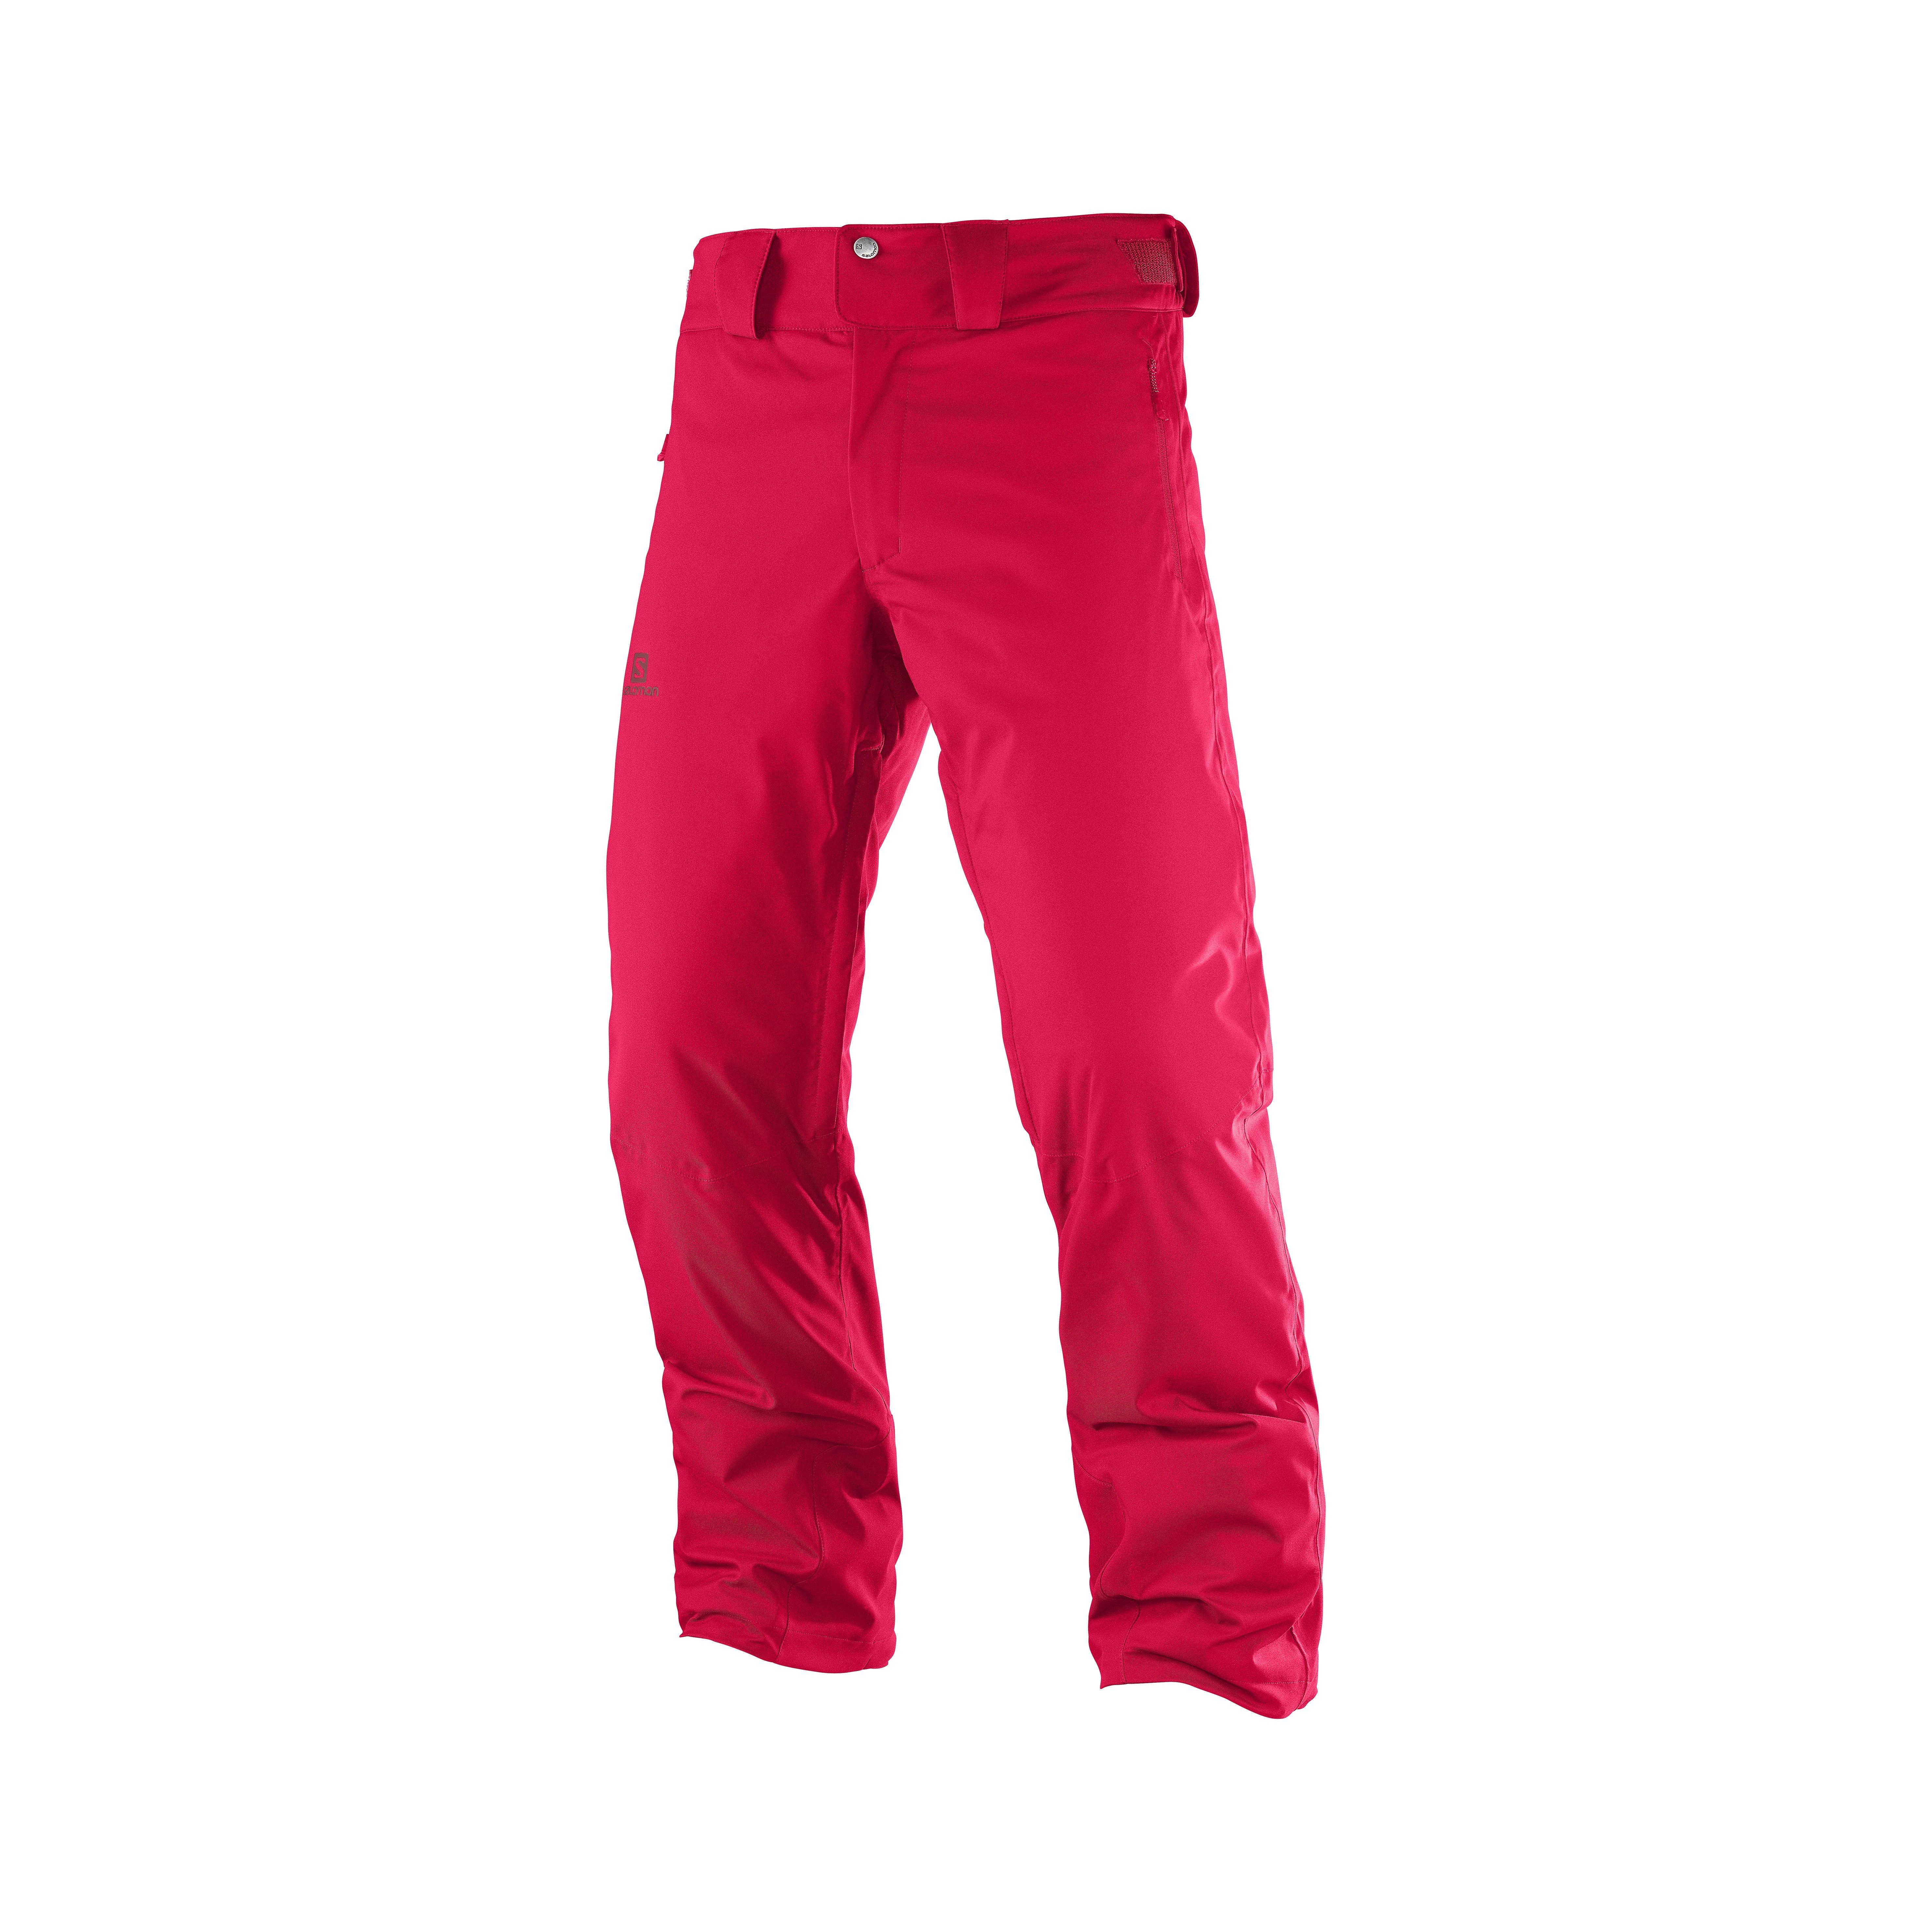 356f4a59f Pánske lyžiarske nohavice - Actisport.sk